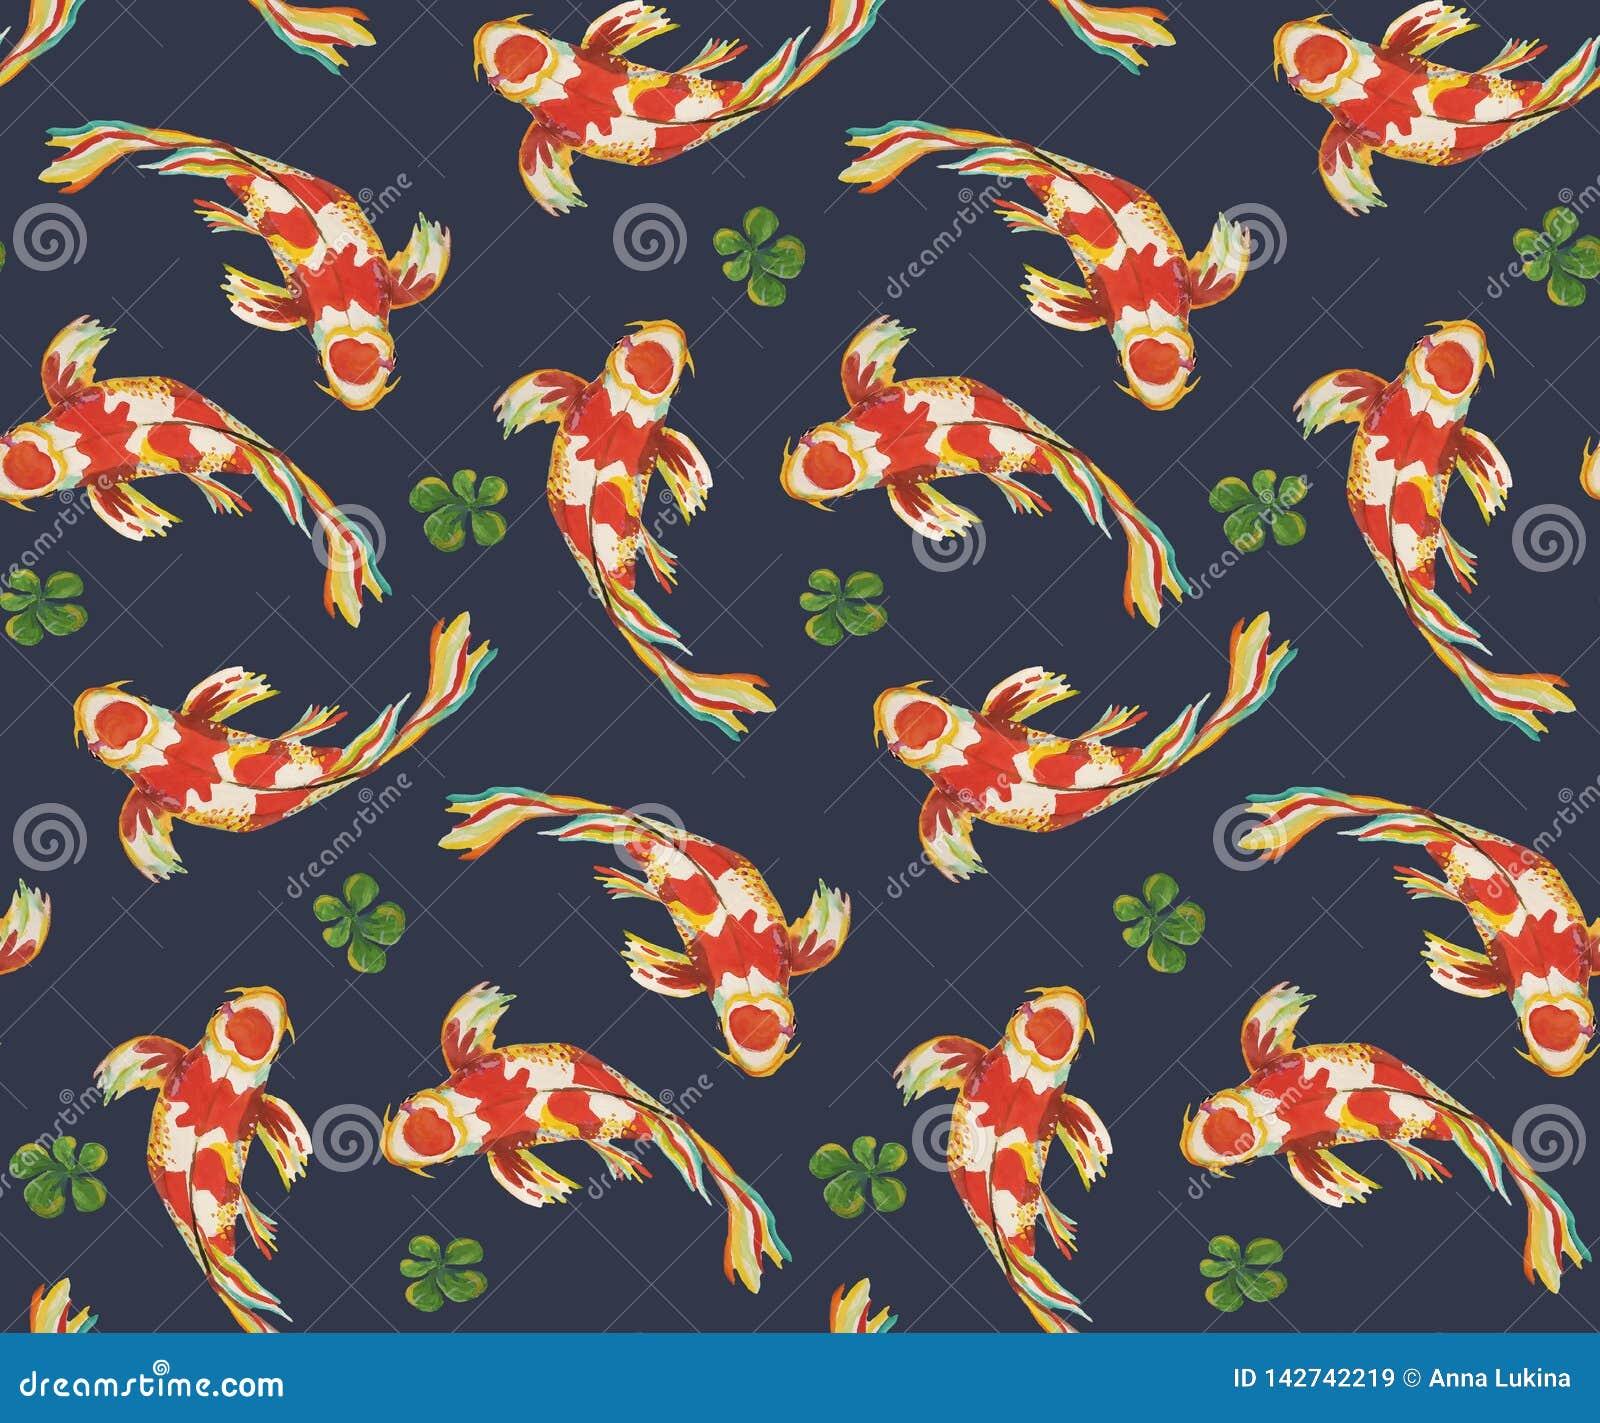 Seamless Pattern Japanese Fish Koi Carps Swimming In